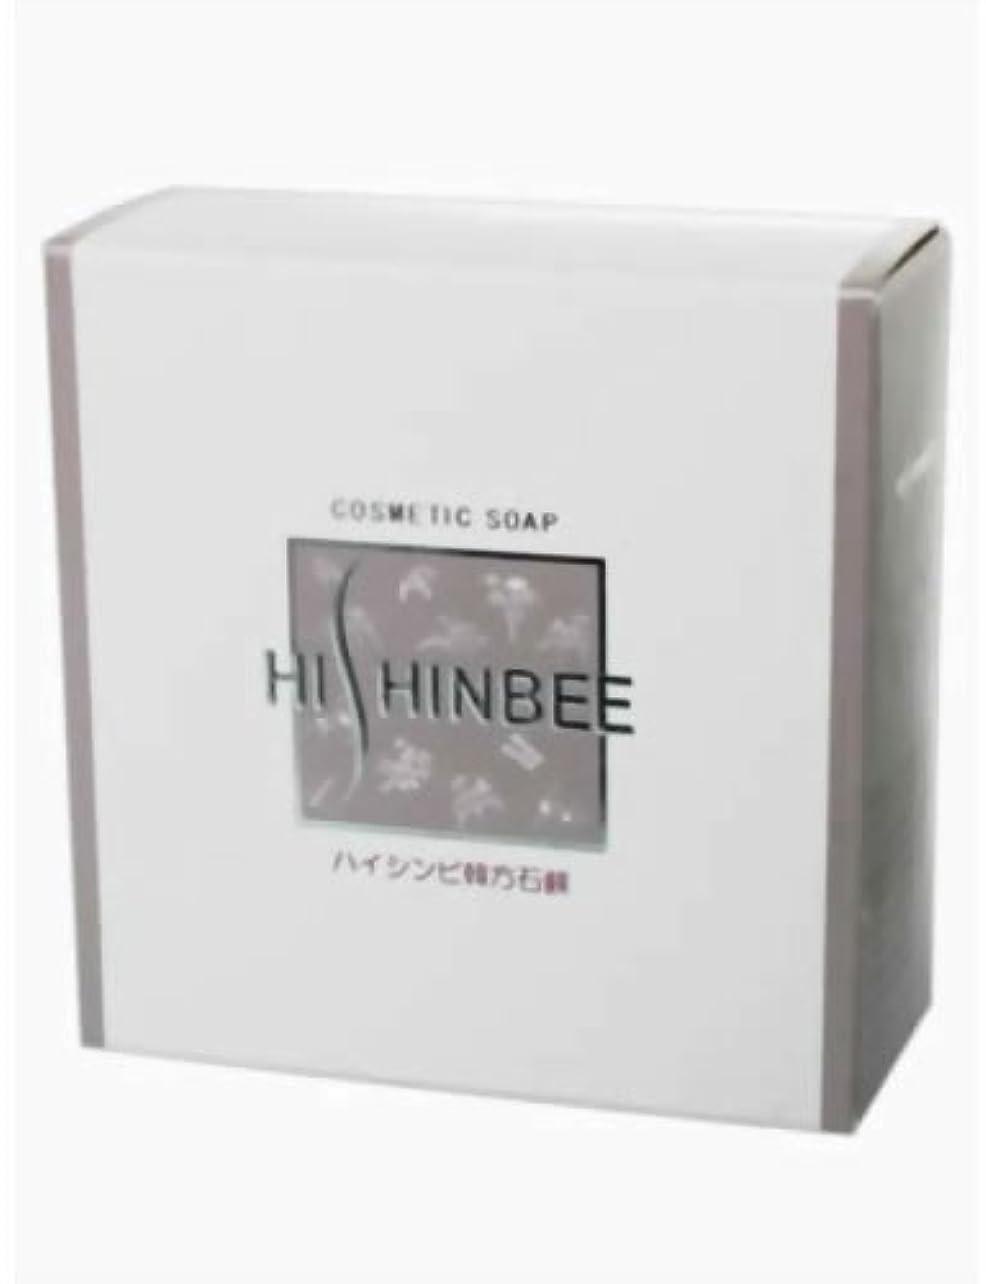 活性化無限ファン【シンビ】ハイシンビ韓方石鹸 120 g